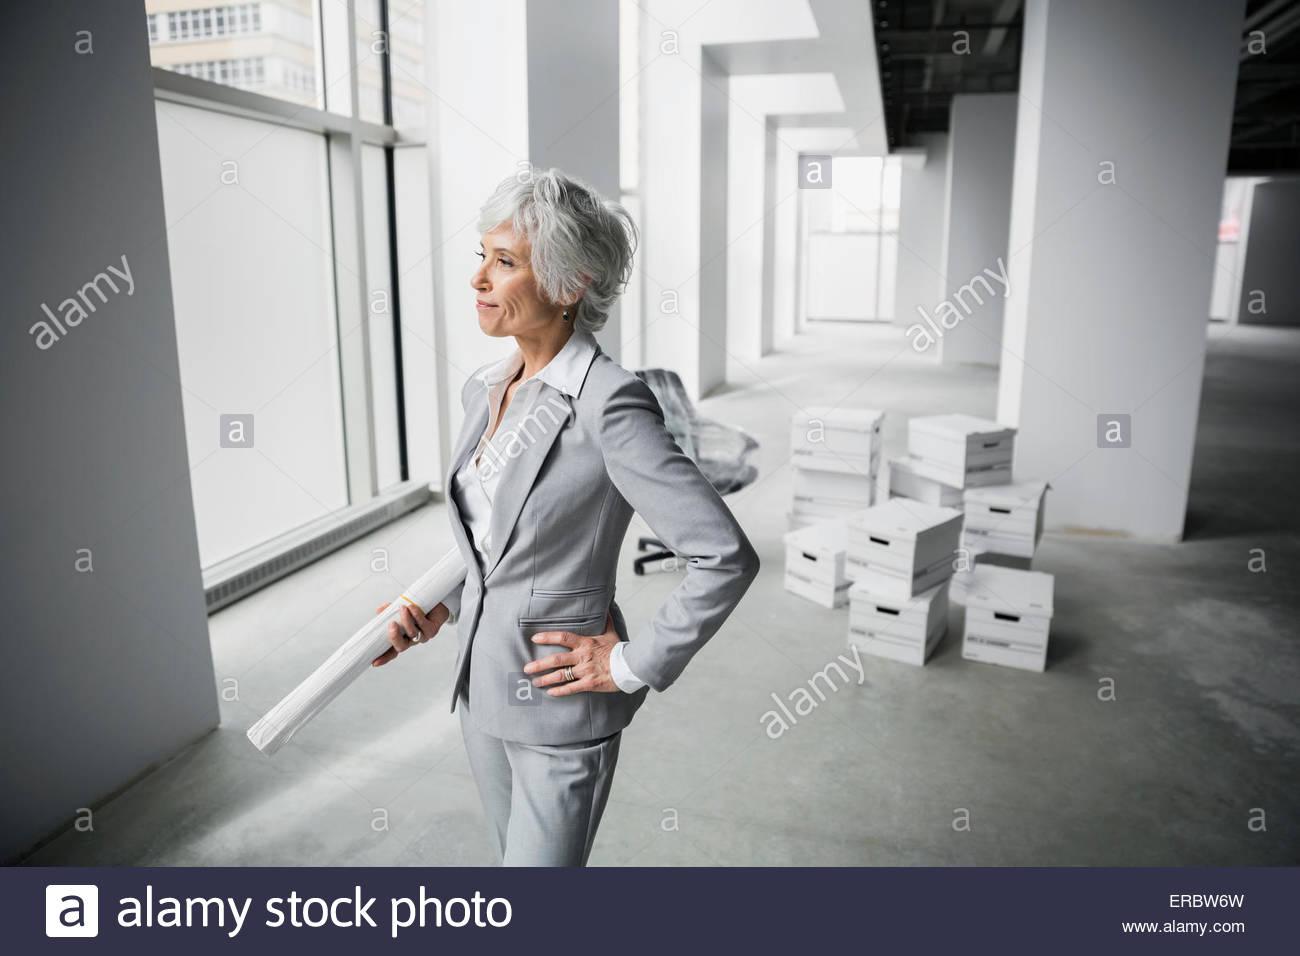 Seguros de arquitecto con planos en Nueva oficina Imagen De Stock